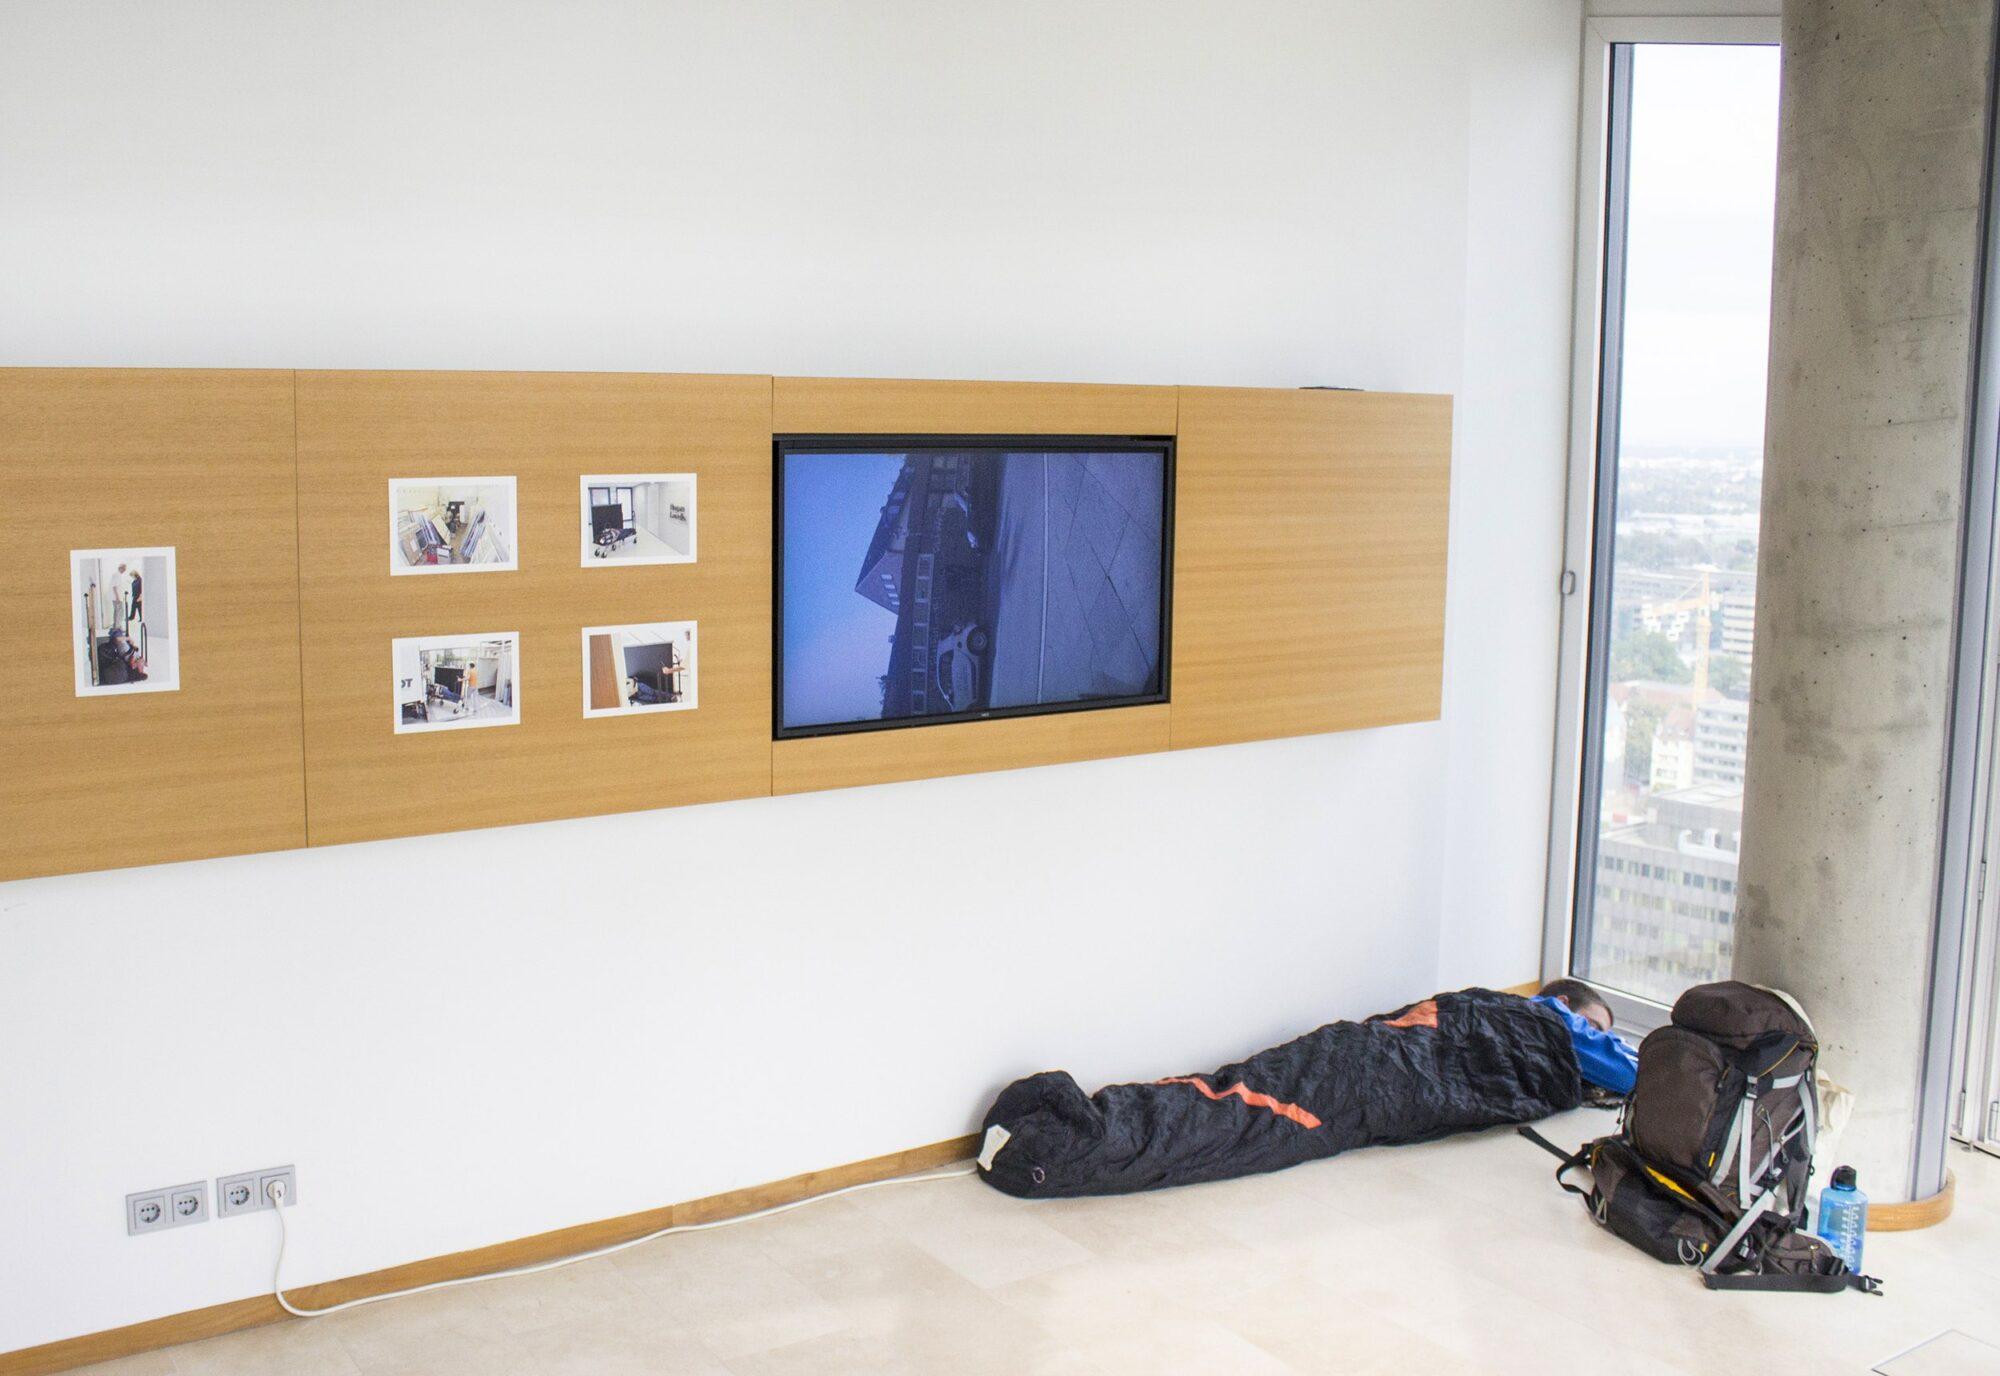 Wahrscheinlich sitzend, performance art, installation view, 2016